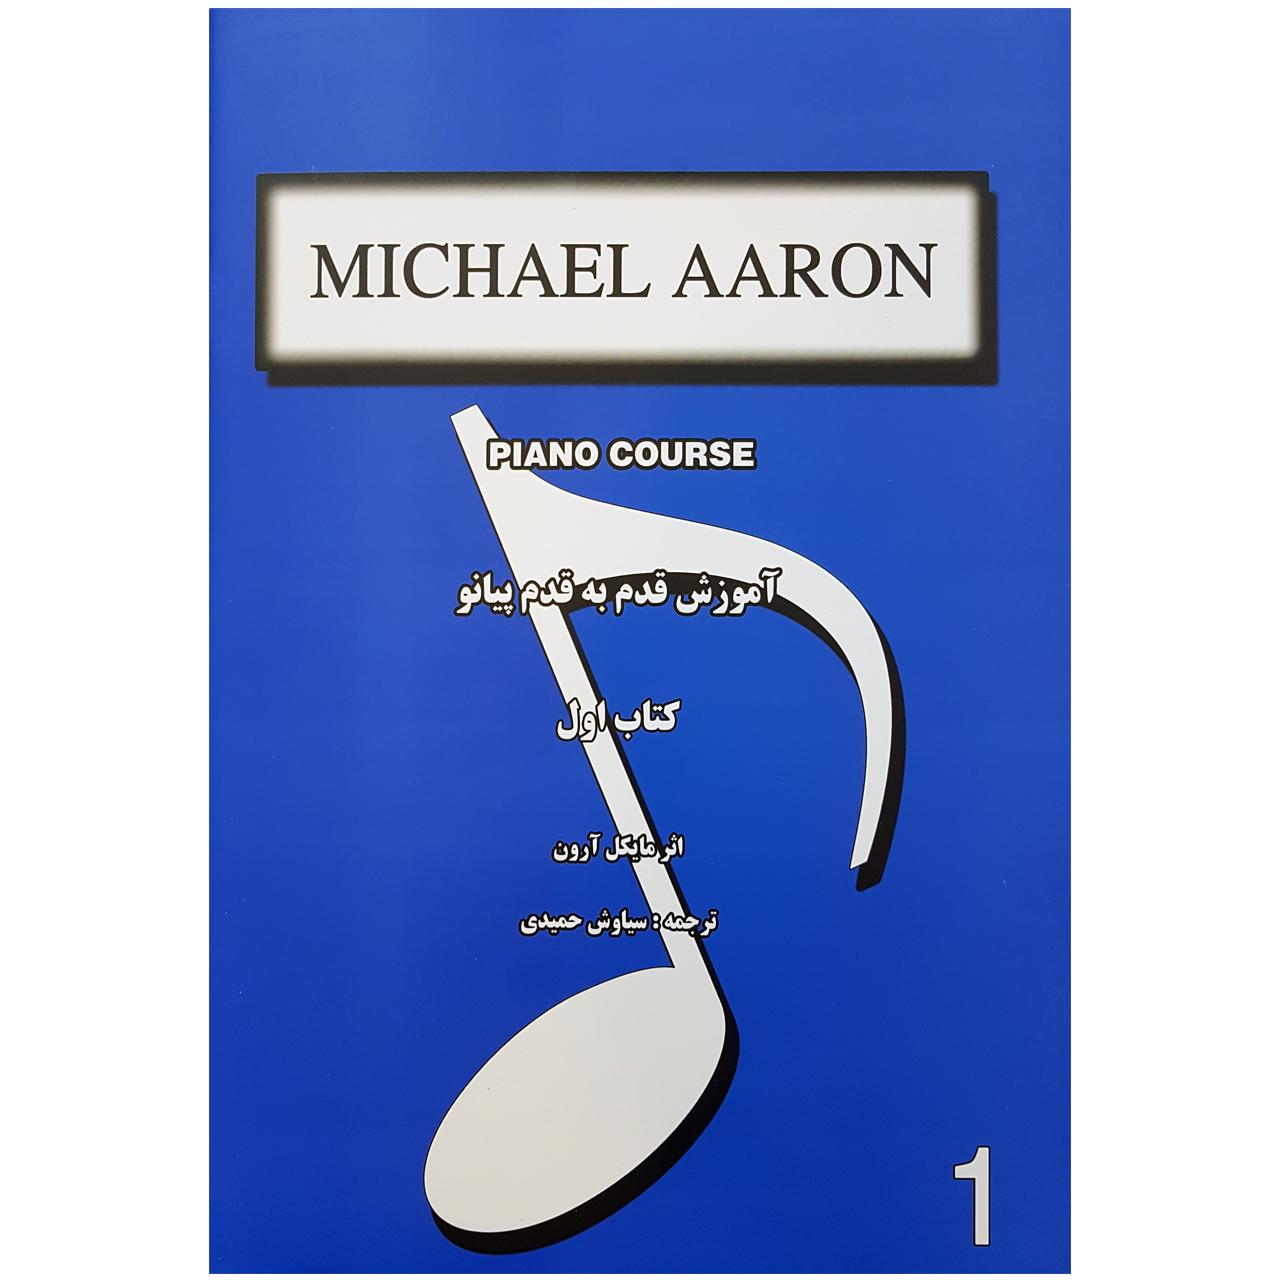 خرید                      کتاب آموزش قدم به قدم پیانو کتاب اول اثر مایکل آرون انتشارات گنجینه کتاب نارون